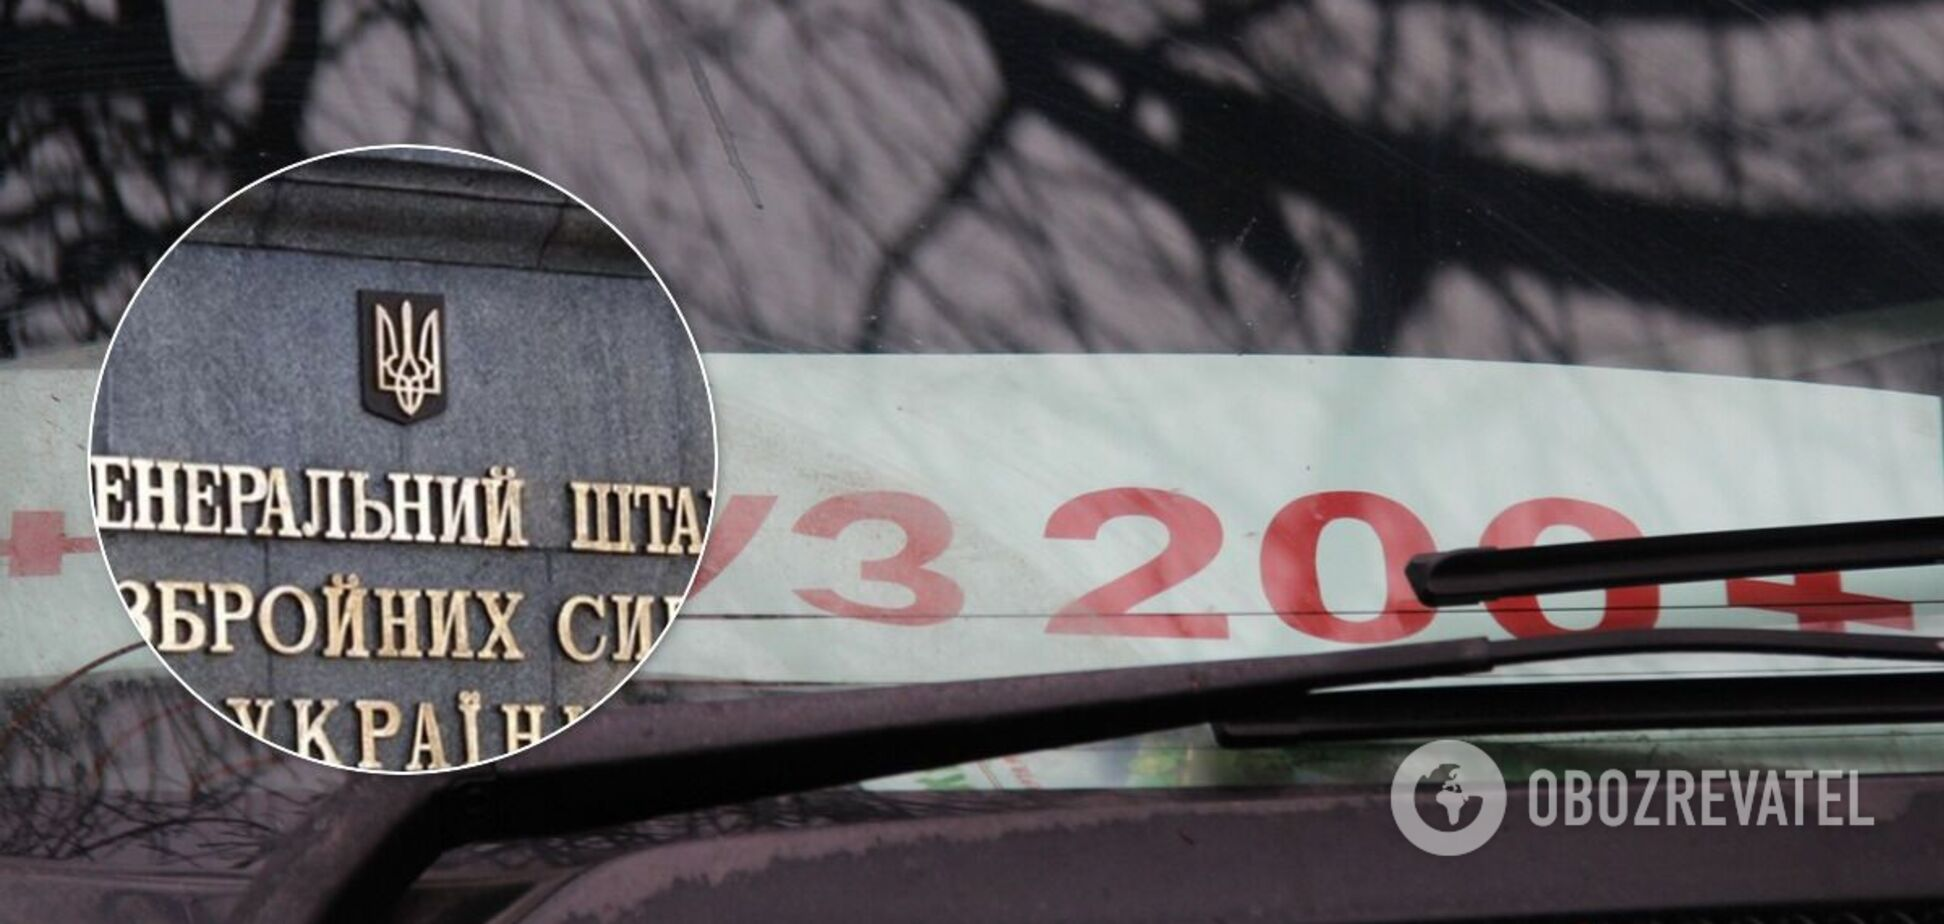 На доставке погибших на Донбассе якобы зарабатывают в Генштабе